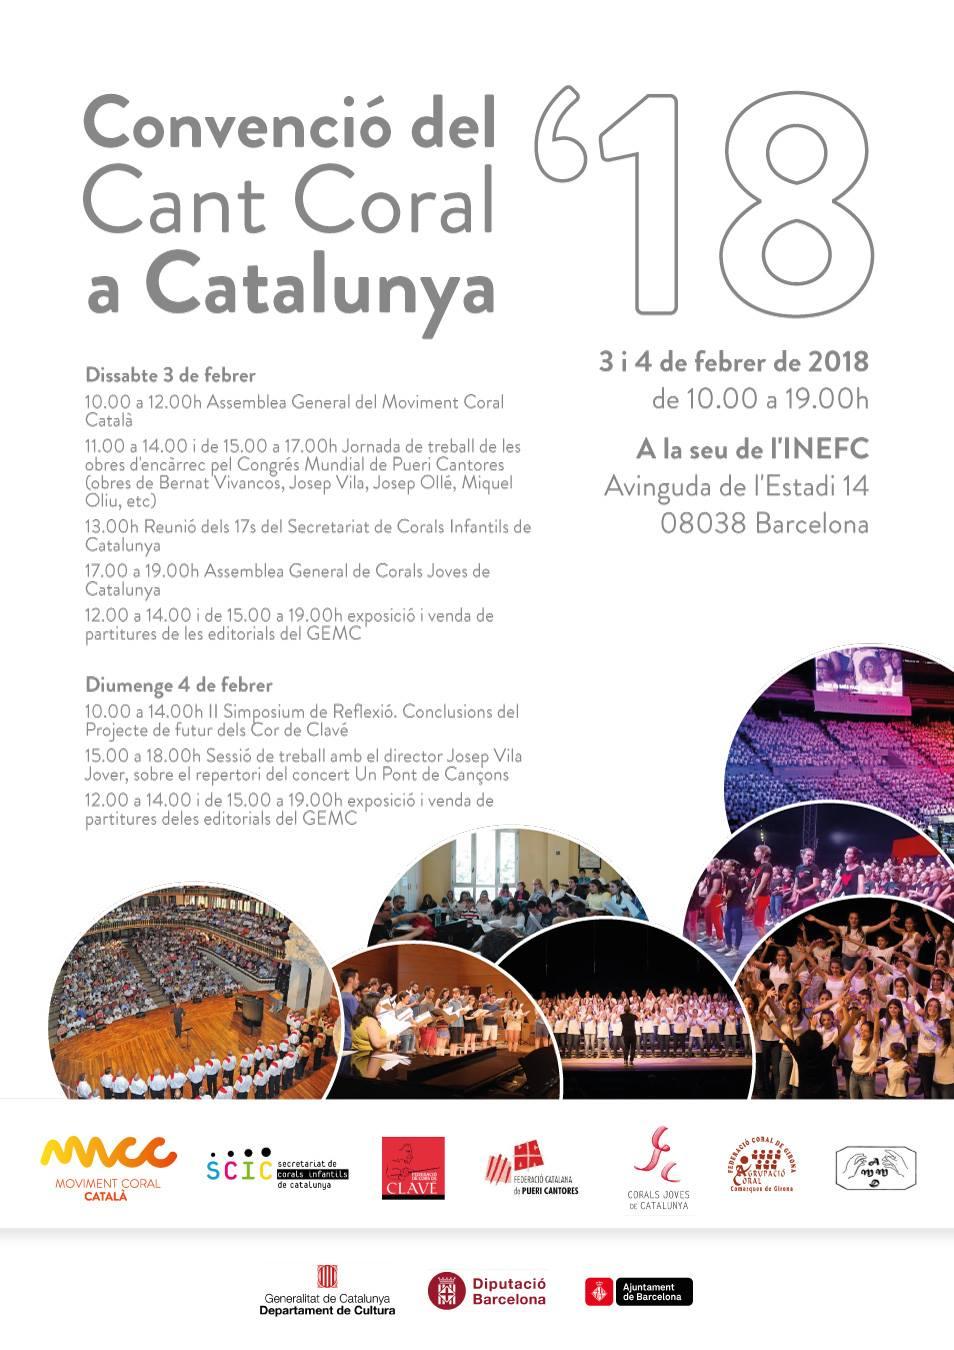 Programa de la Convenció del Cant Coral a Catalunya 2018